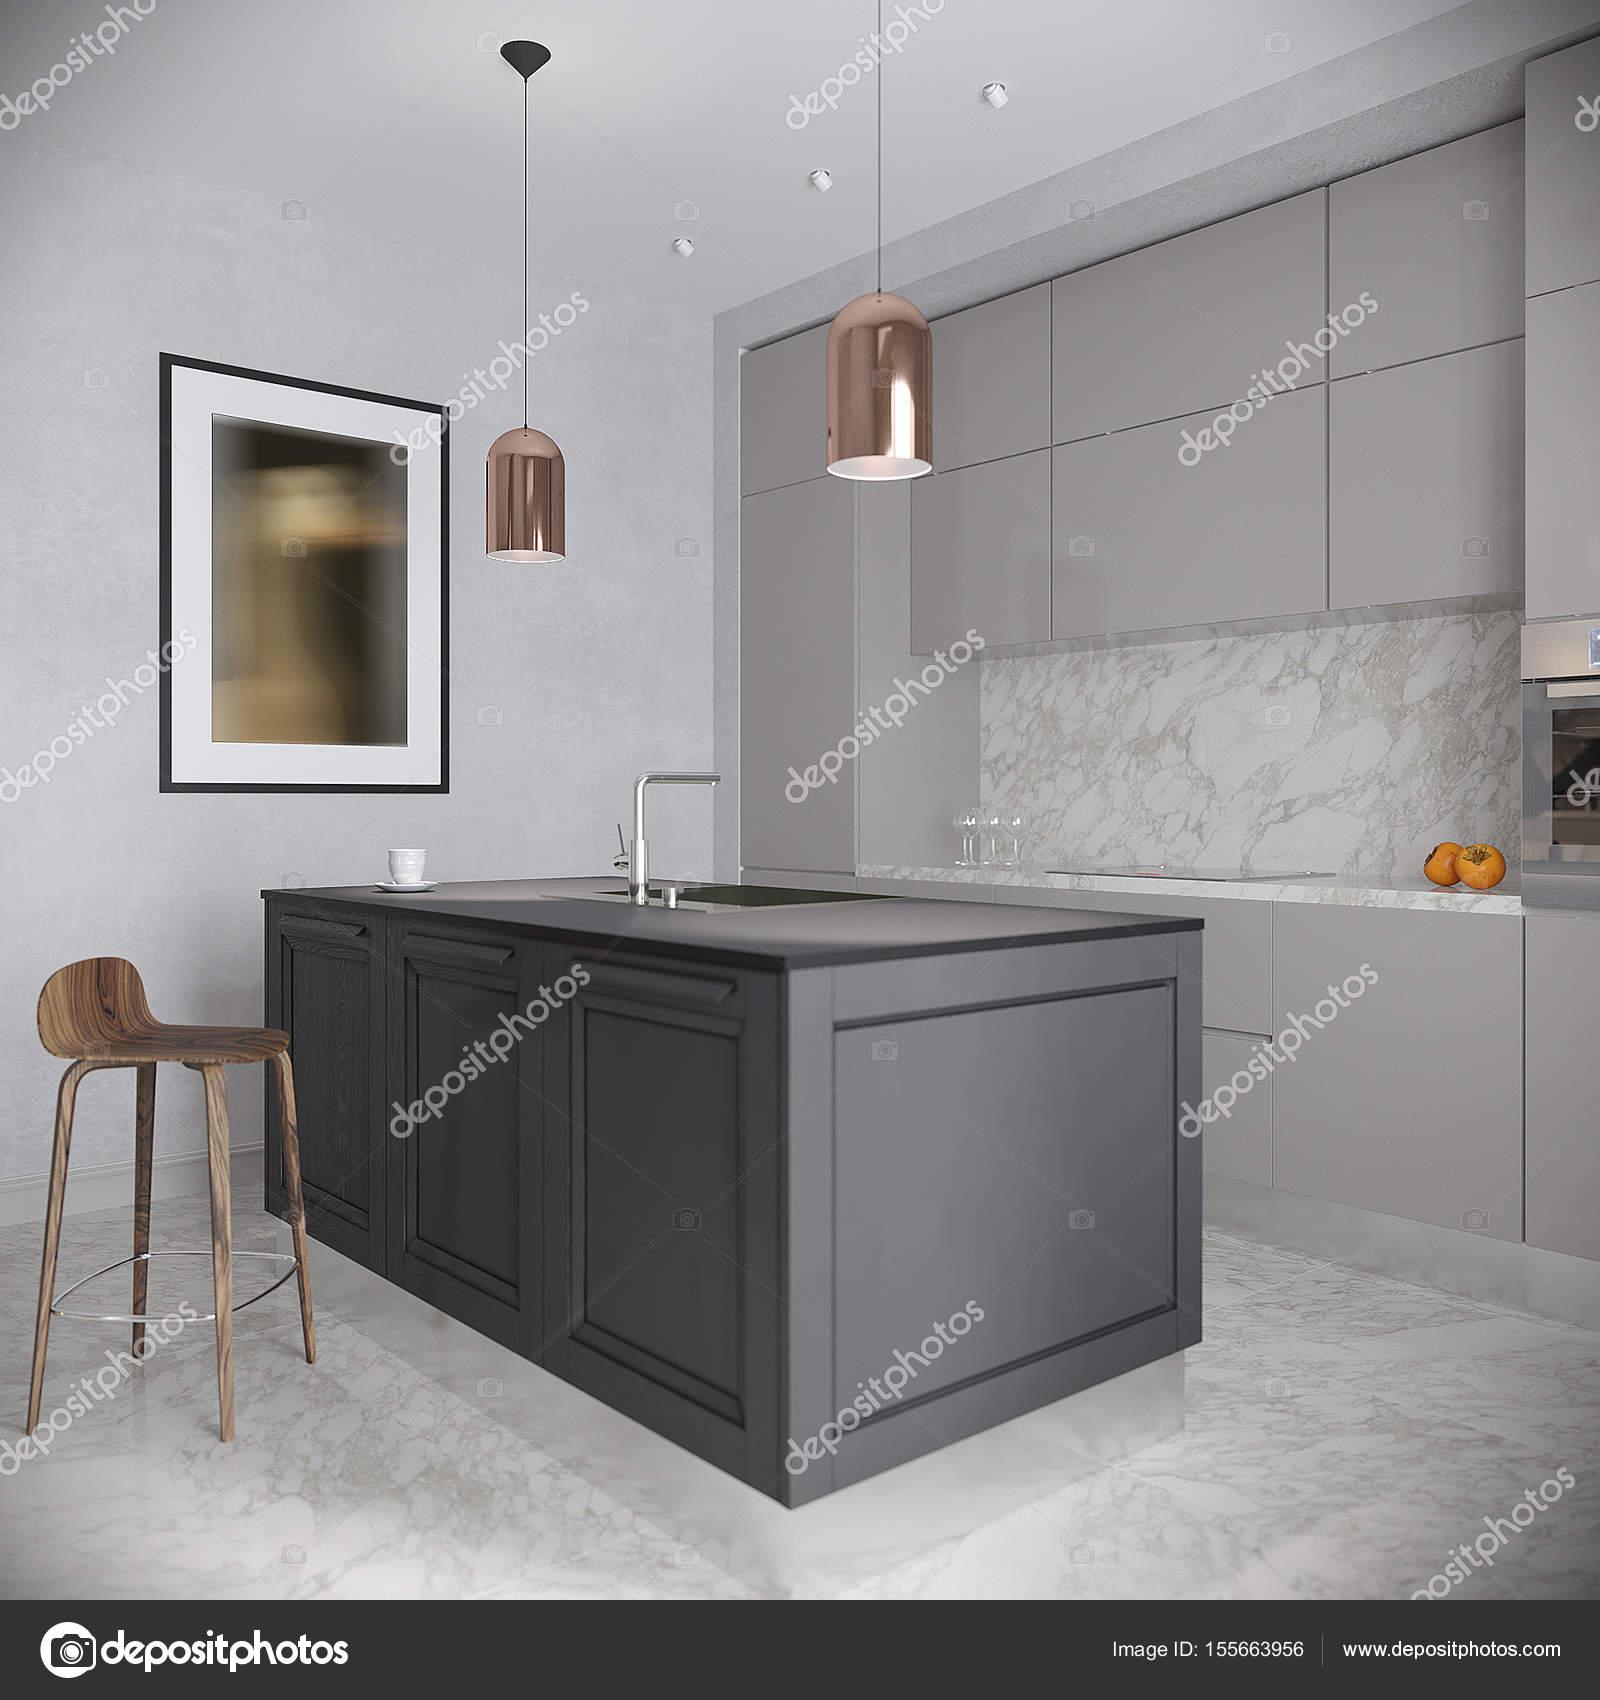 Moderne städtische zeitgenössische grau Küche Interieur — Stockfoto ...